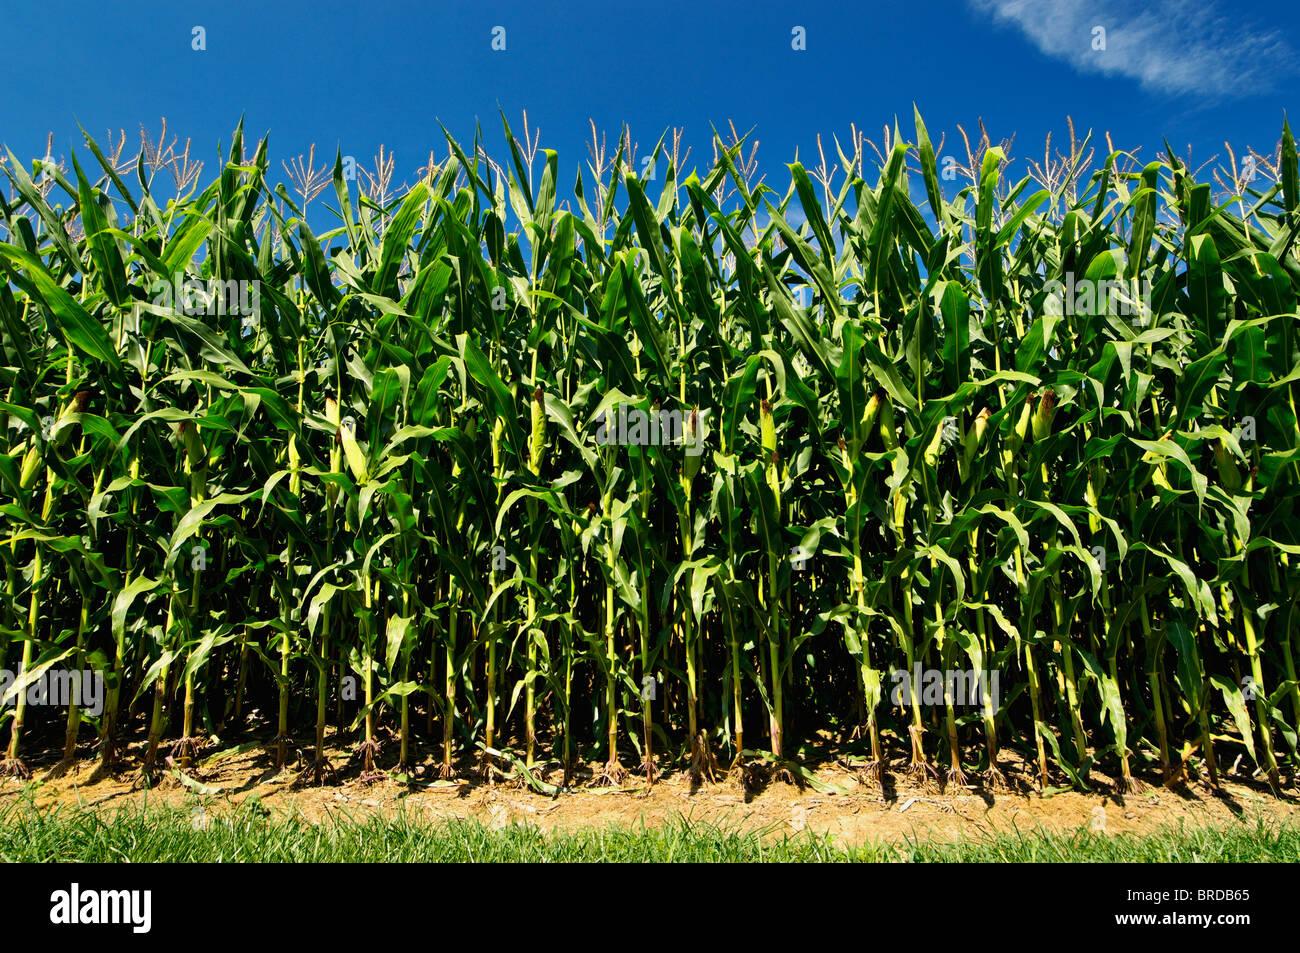 Dans le champ de maïs à Starlight, Indiana Photo Stock